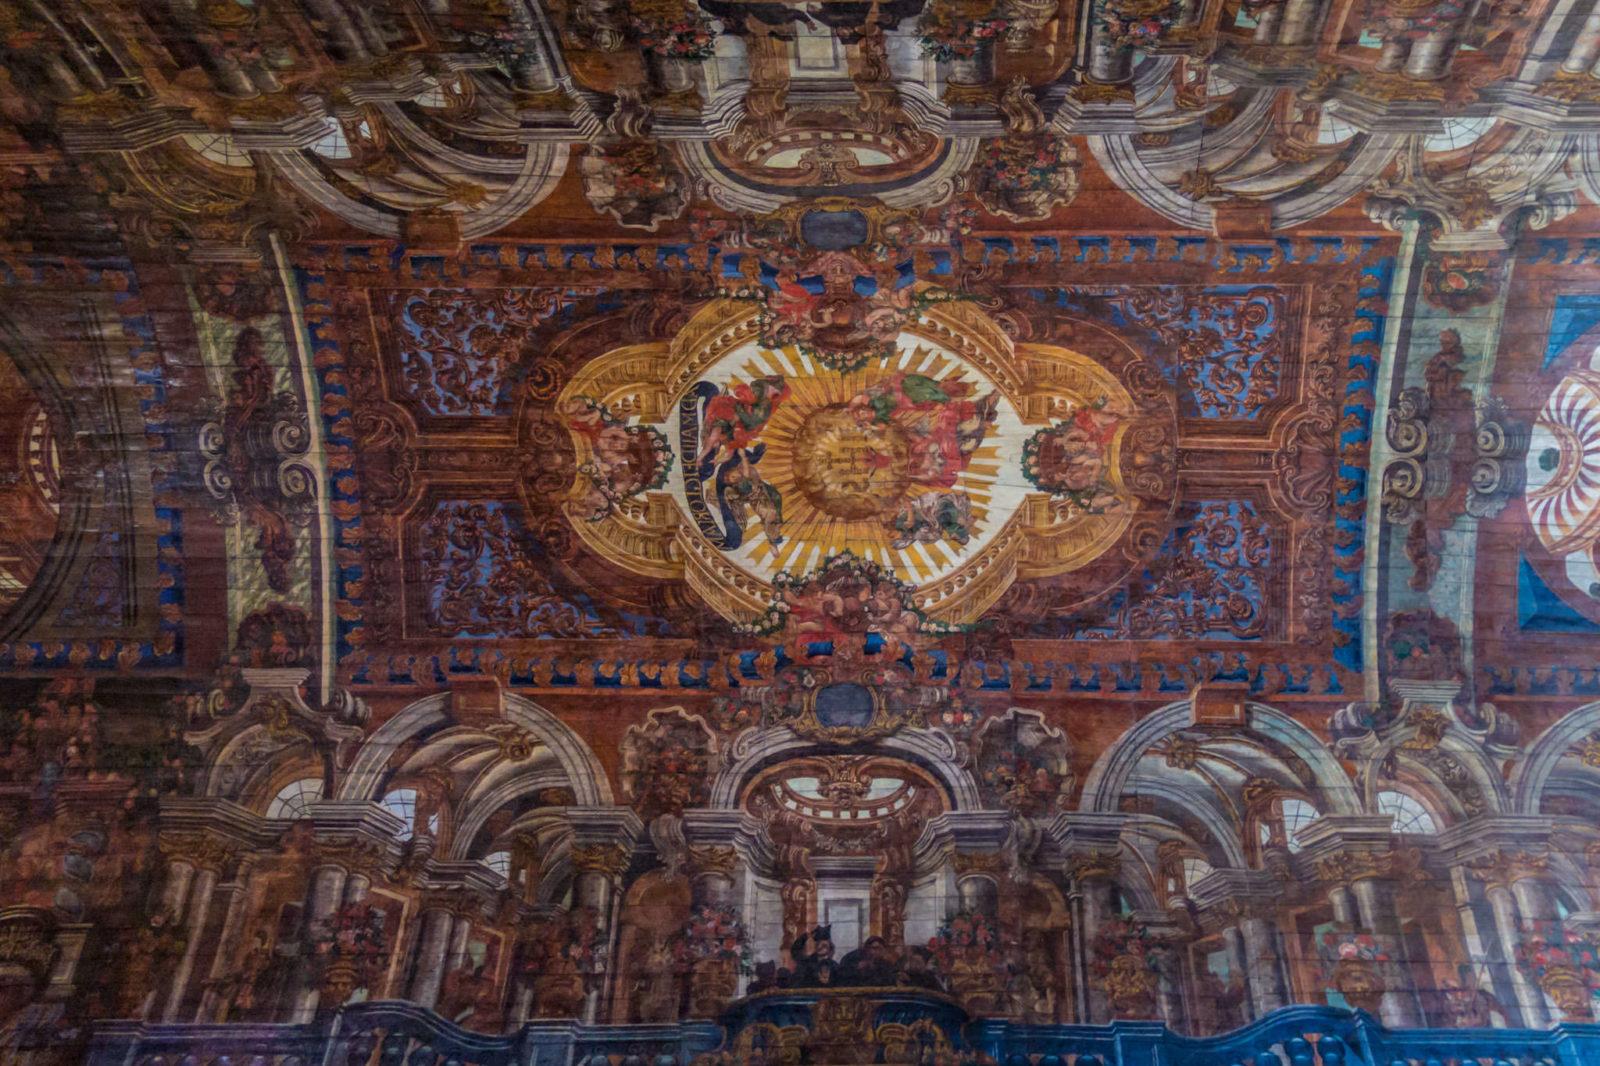 Потолок (фото: Ludo De Potter)